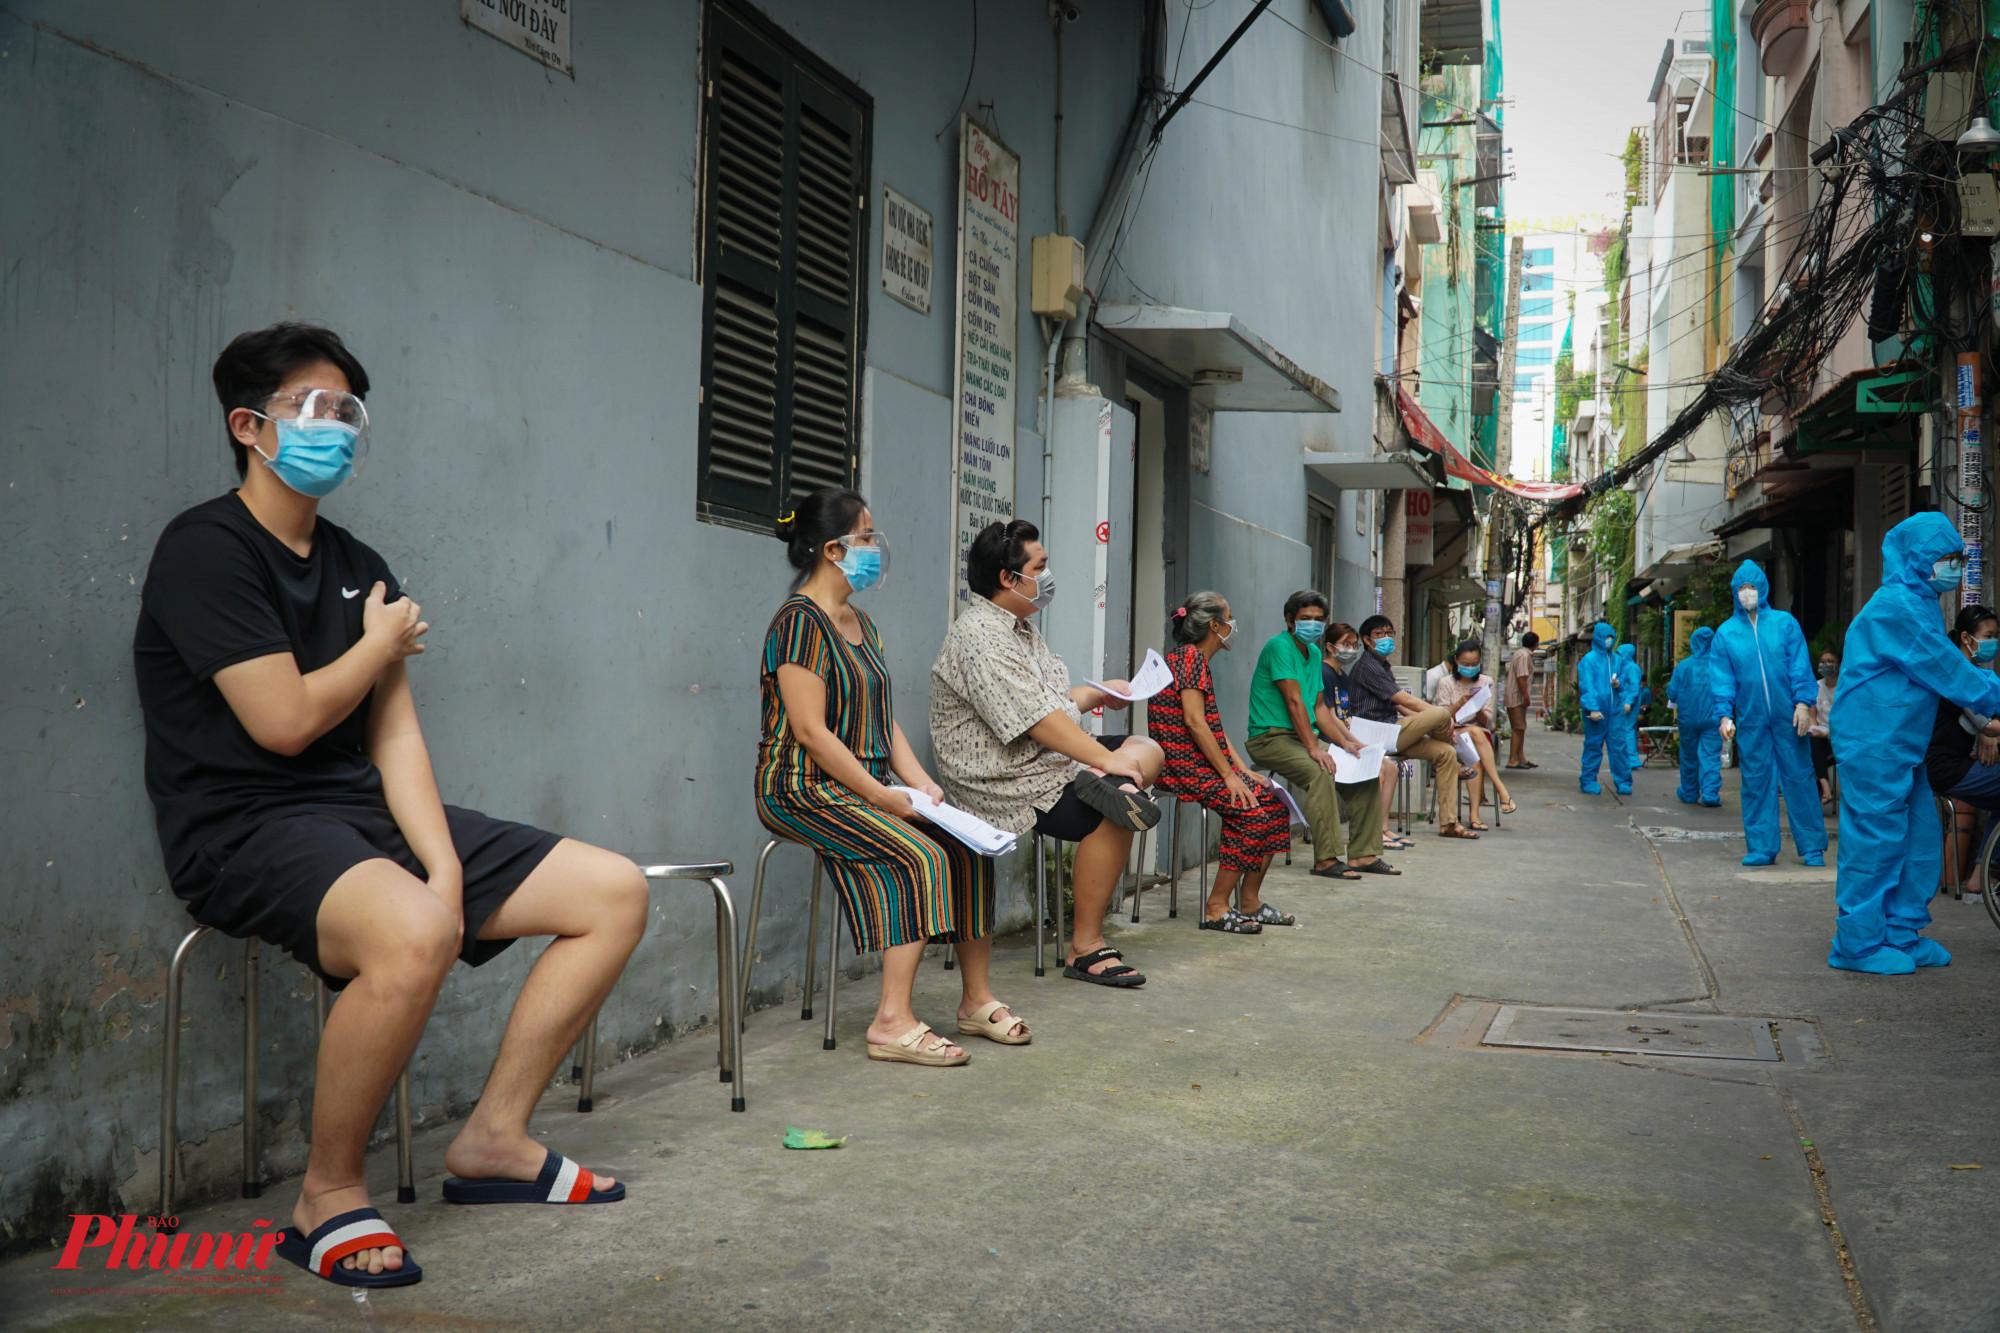 Sau khi tiêm, người dân ngồi chờ giãn cách, theo dõi sức khỏe ít nhất 15 phút